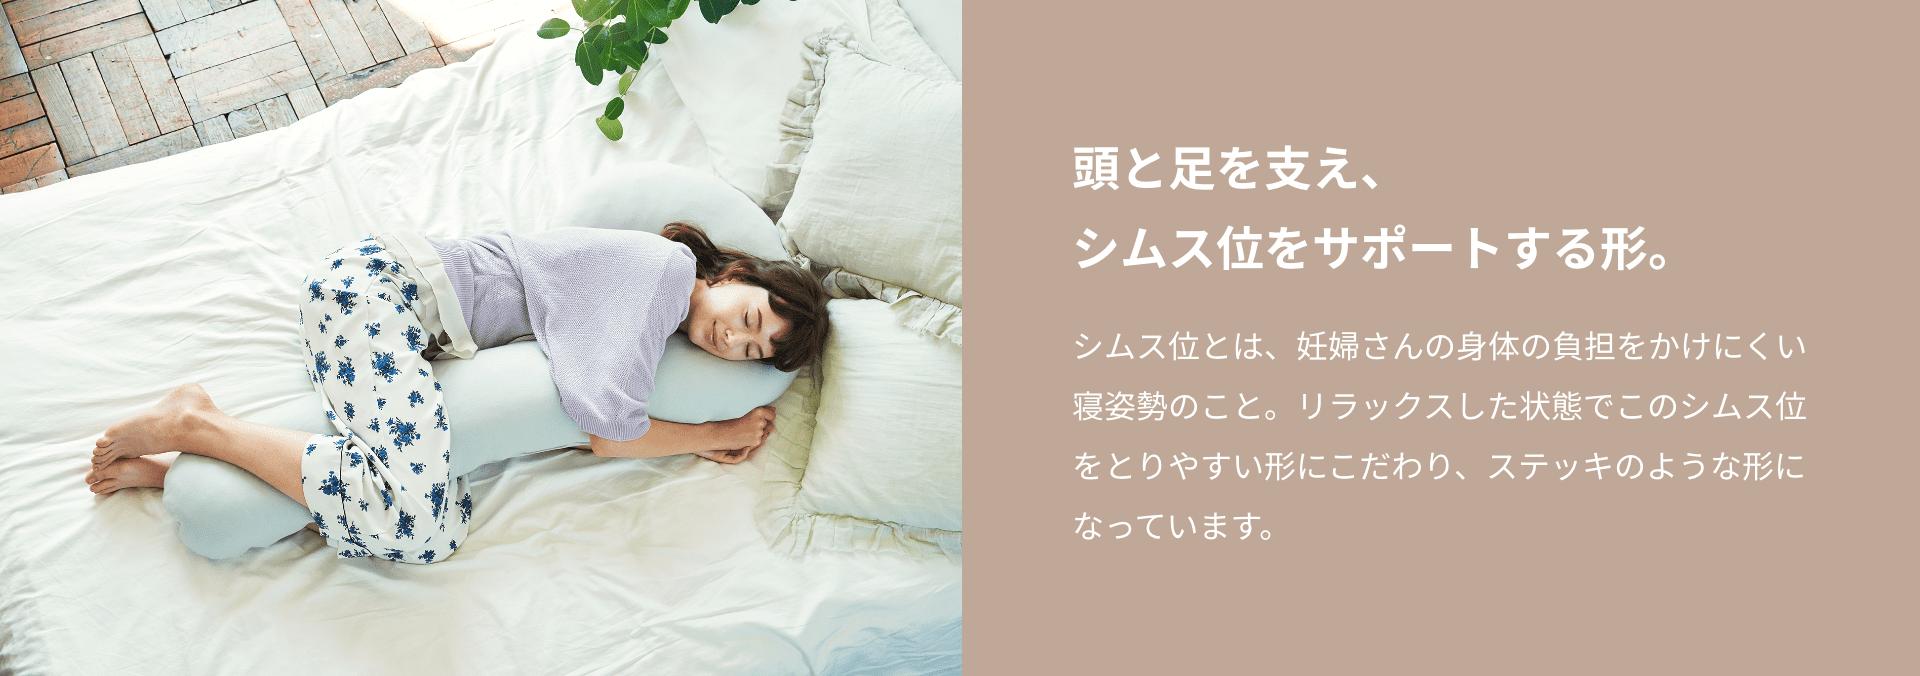 頭と足を支え、シムス位をサポートする形。 シムス位とは、妊婦さんの身体の負担をかけにくい寝姿勢のこと。リラックスした状態でこのシムス位をとりやすい形にこだわり、ステッキのような形になっています。こだわりのグラデーション設計。